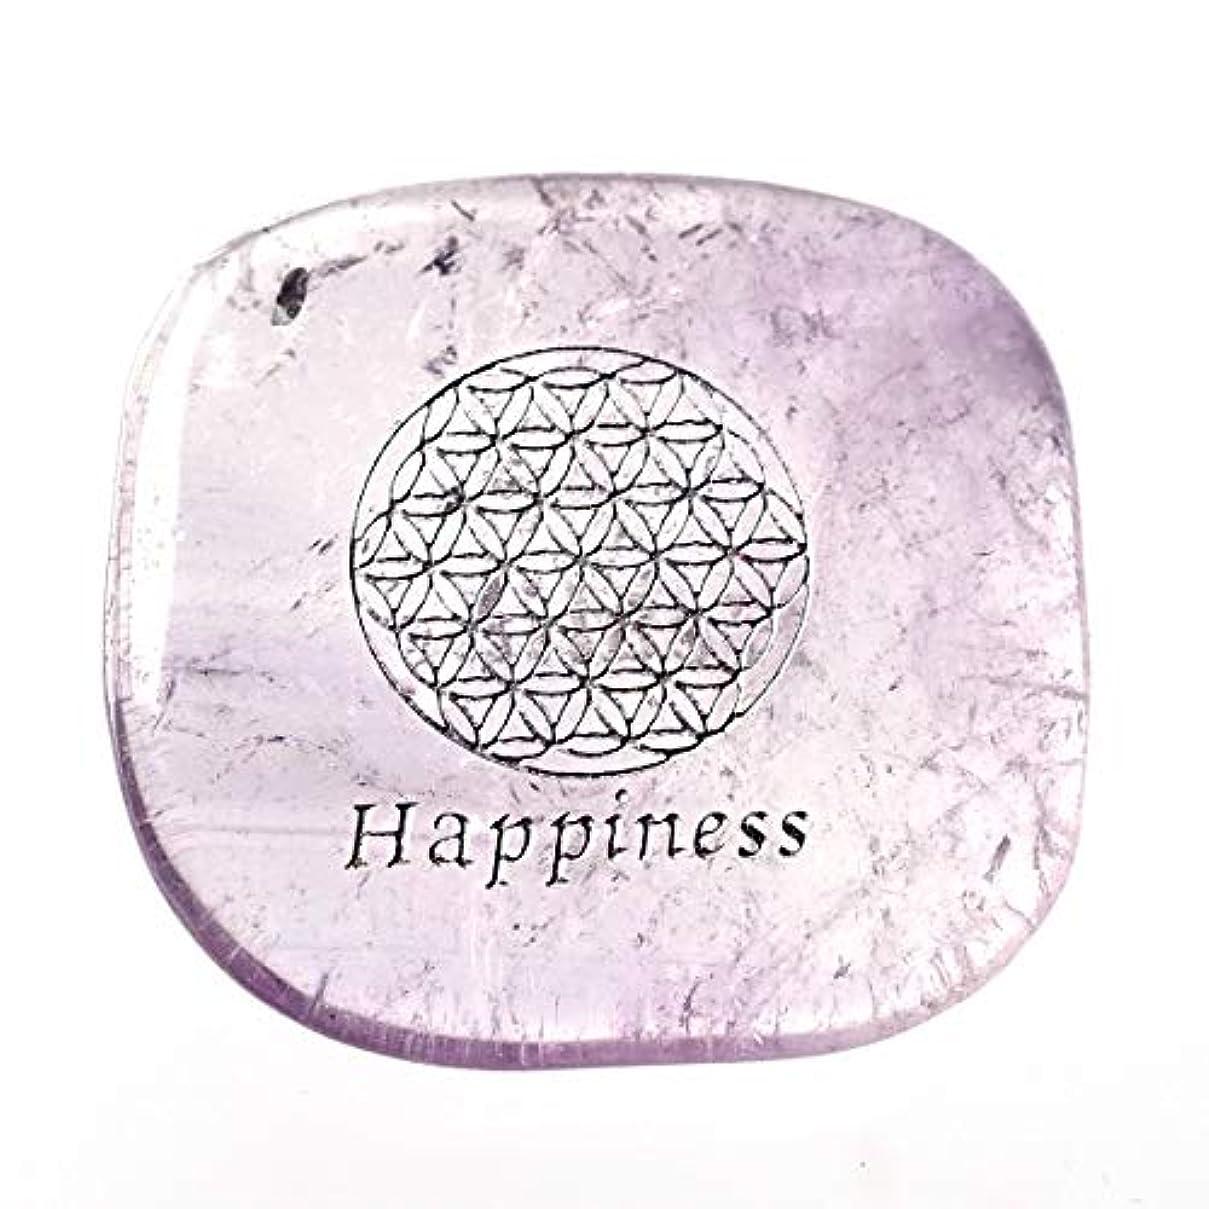 霜トランペット深さLUCAS ビジョンストーン(アメジスト) フラワーオブライフ (Healing 癒し/Happiness 幸福)